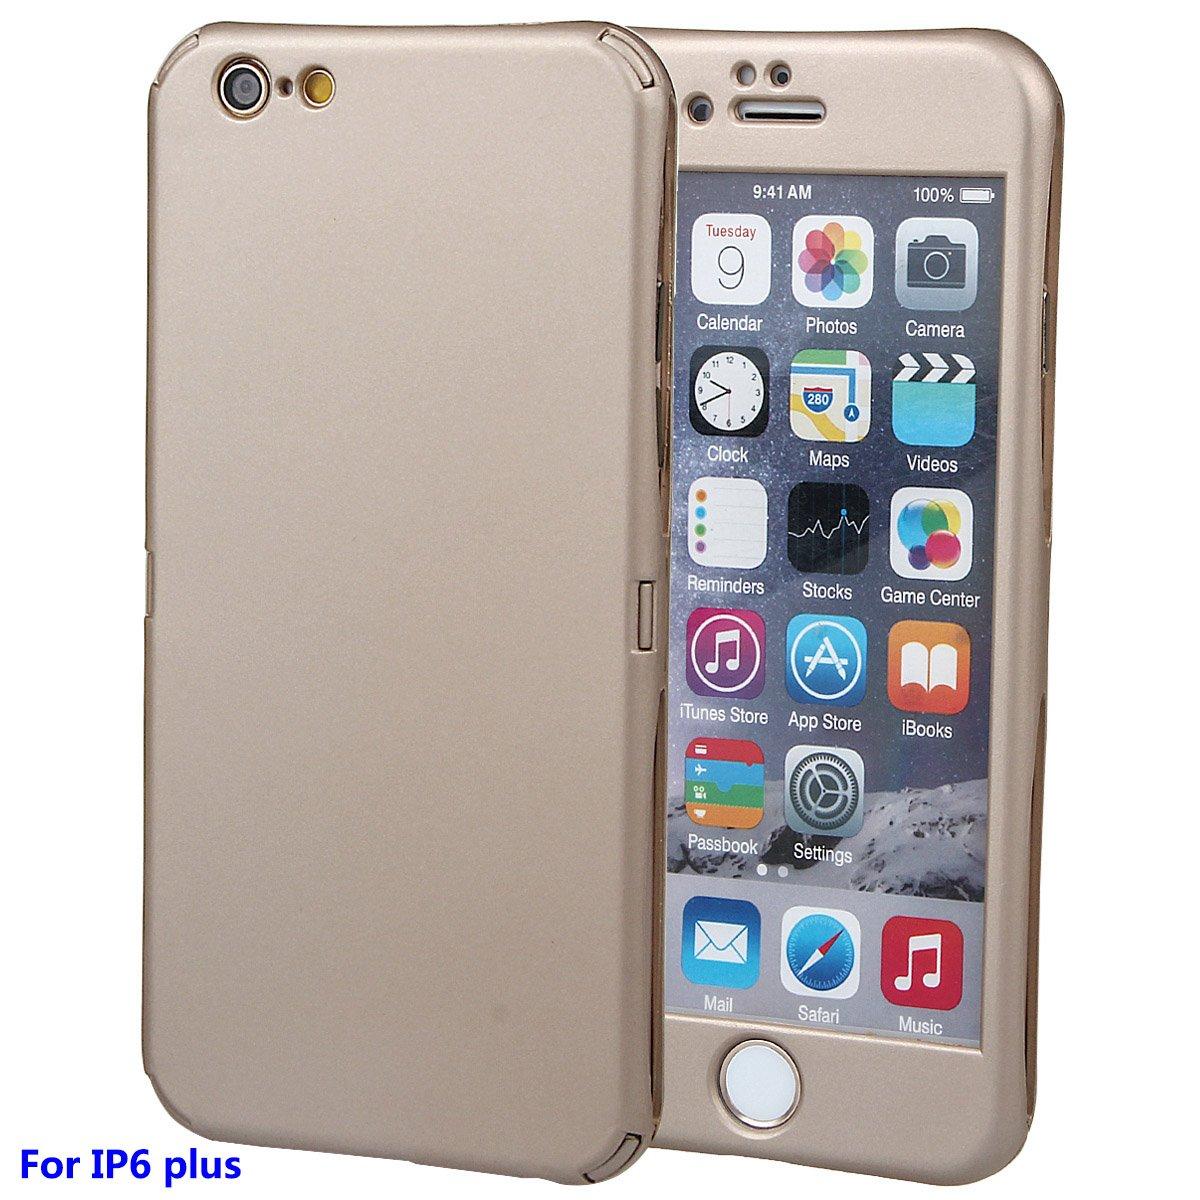 Amazon Case For IPhone 6 9S Plus Xhorizon TM FL1 360 Degree